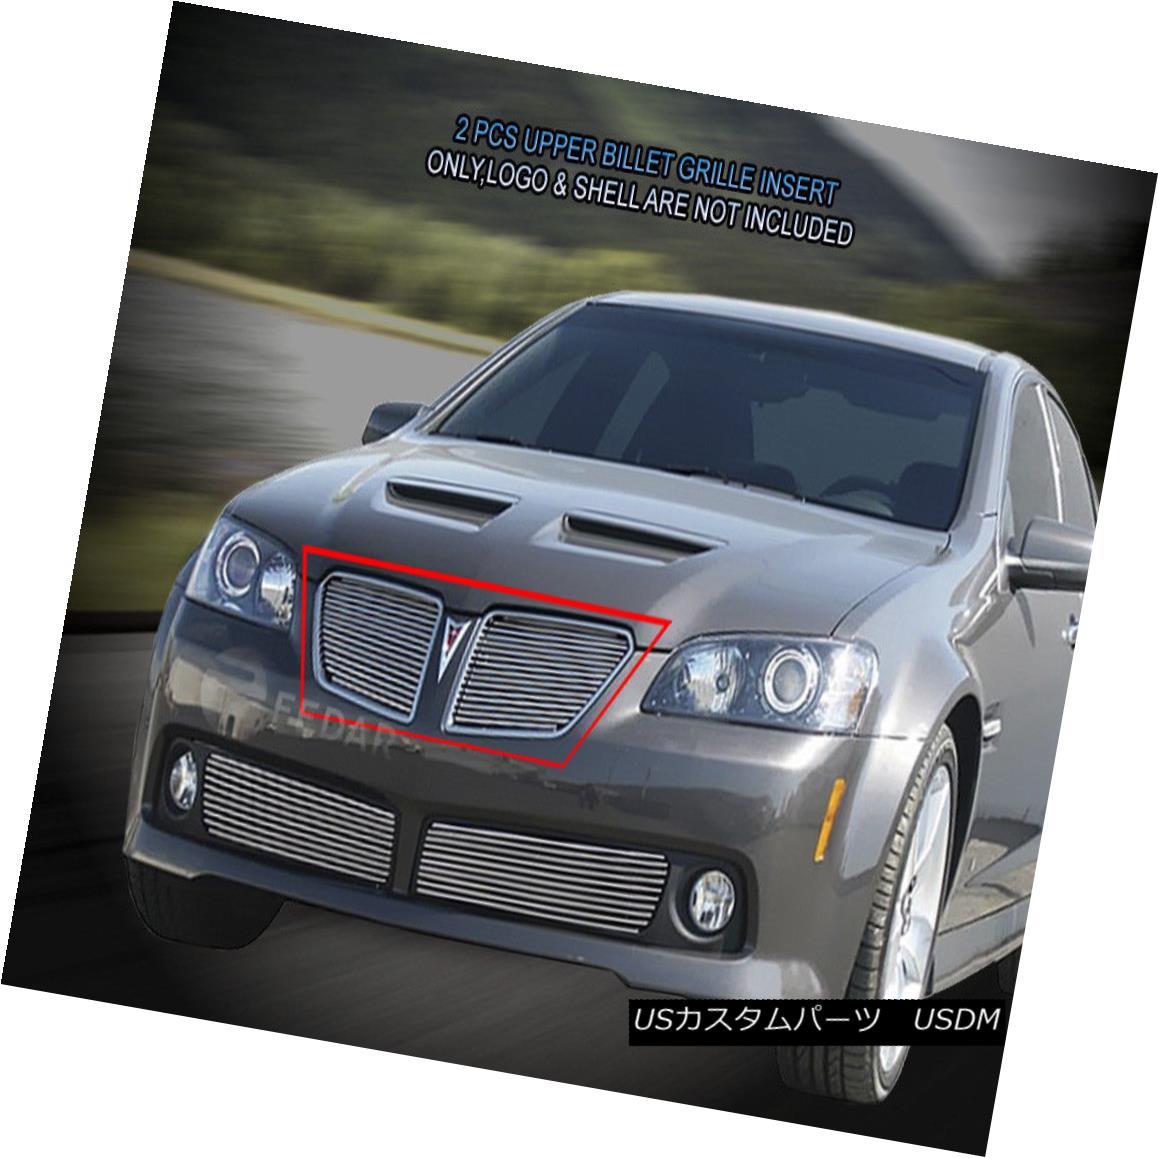 グリル For 2008-2009 Pontiac G8 Bolt-On Billet Grille Upper Grill Insert Fedar 2008 - 2009年ポンティアックG8ボルトオンビレットグリルアッパーグリルインサートフェルダ